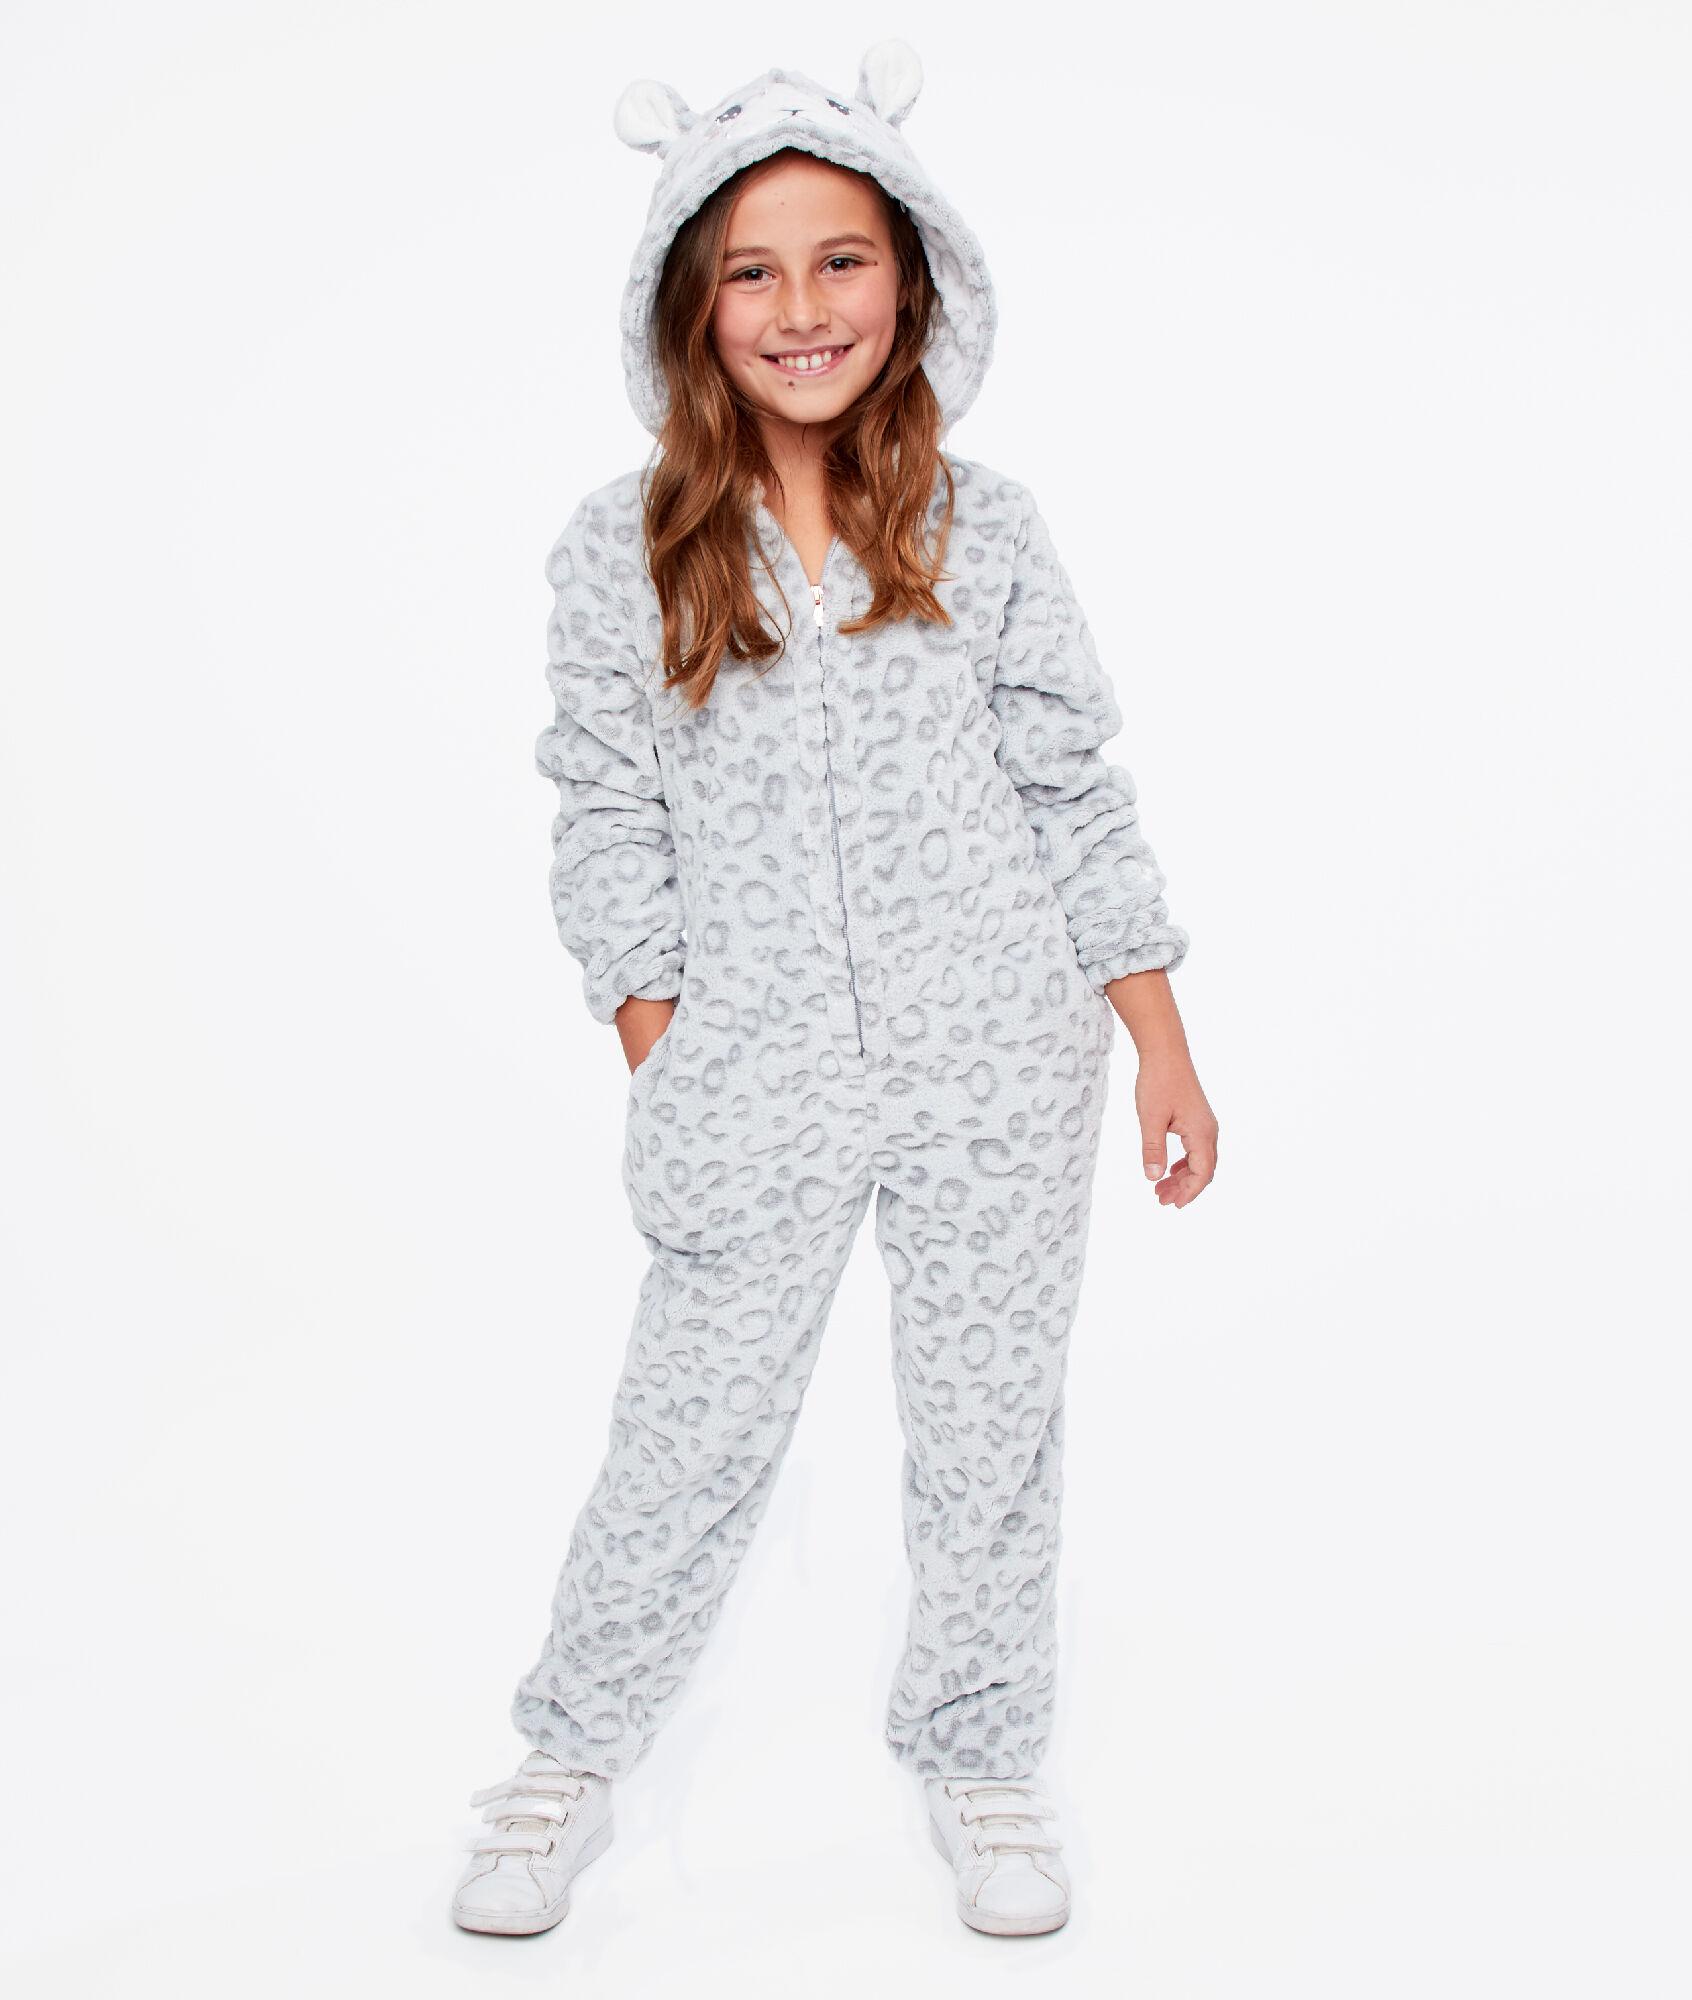 Combinaison pyjama Panthère enfant - MALINE - GRIS - Etam 0ffdad77d4b